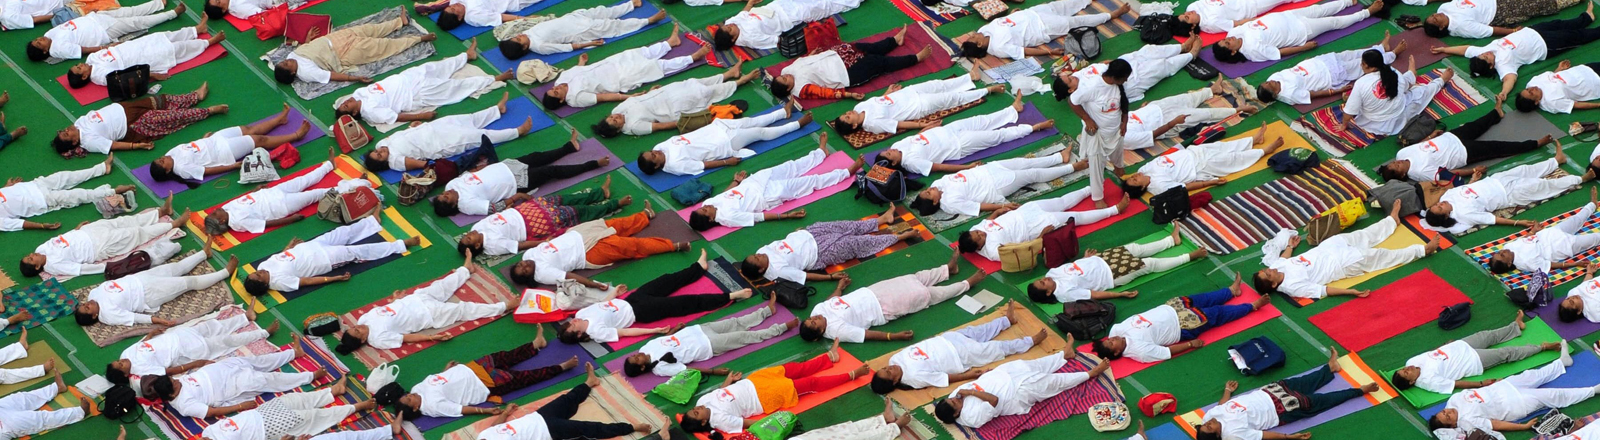 Viele Menschen, die auf einer Yogamatte liegen.